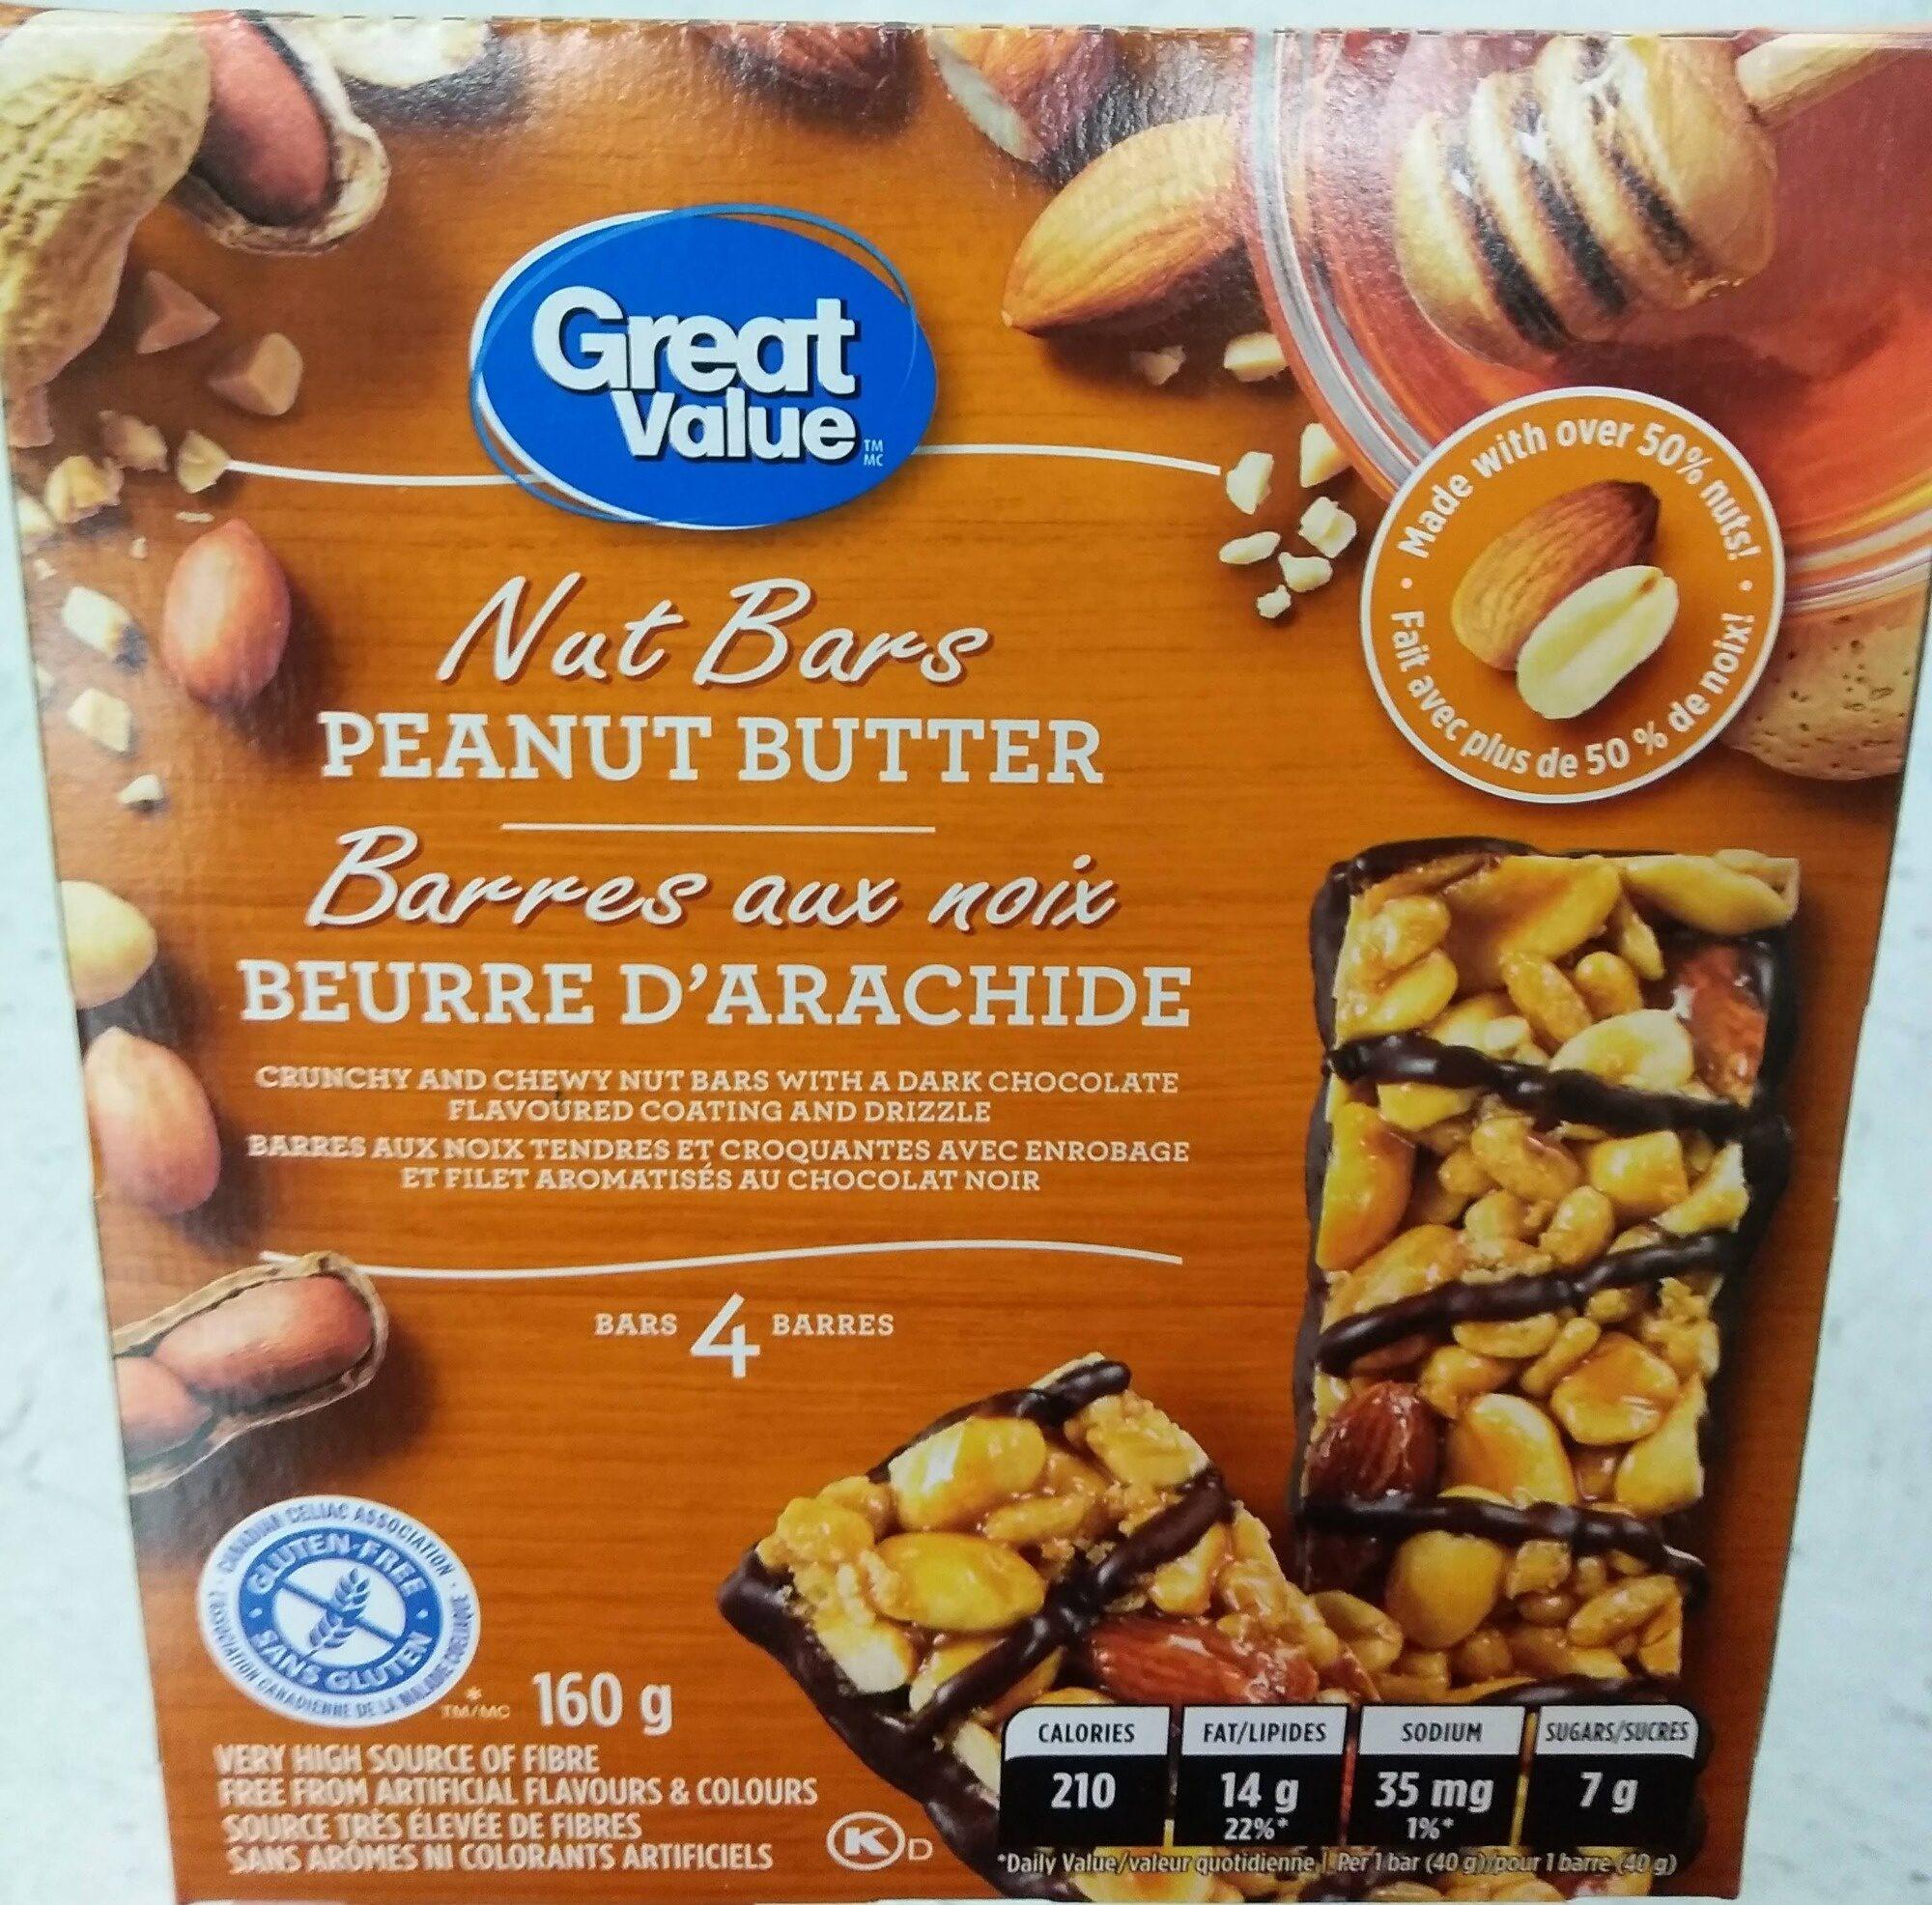 Barre aux noix beurré d arachide - Product